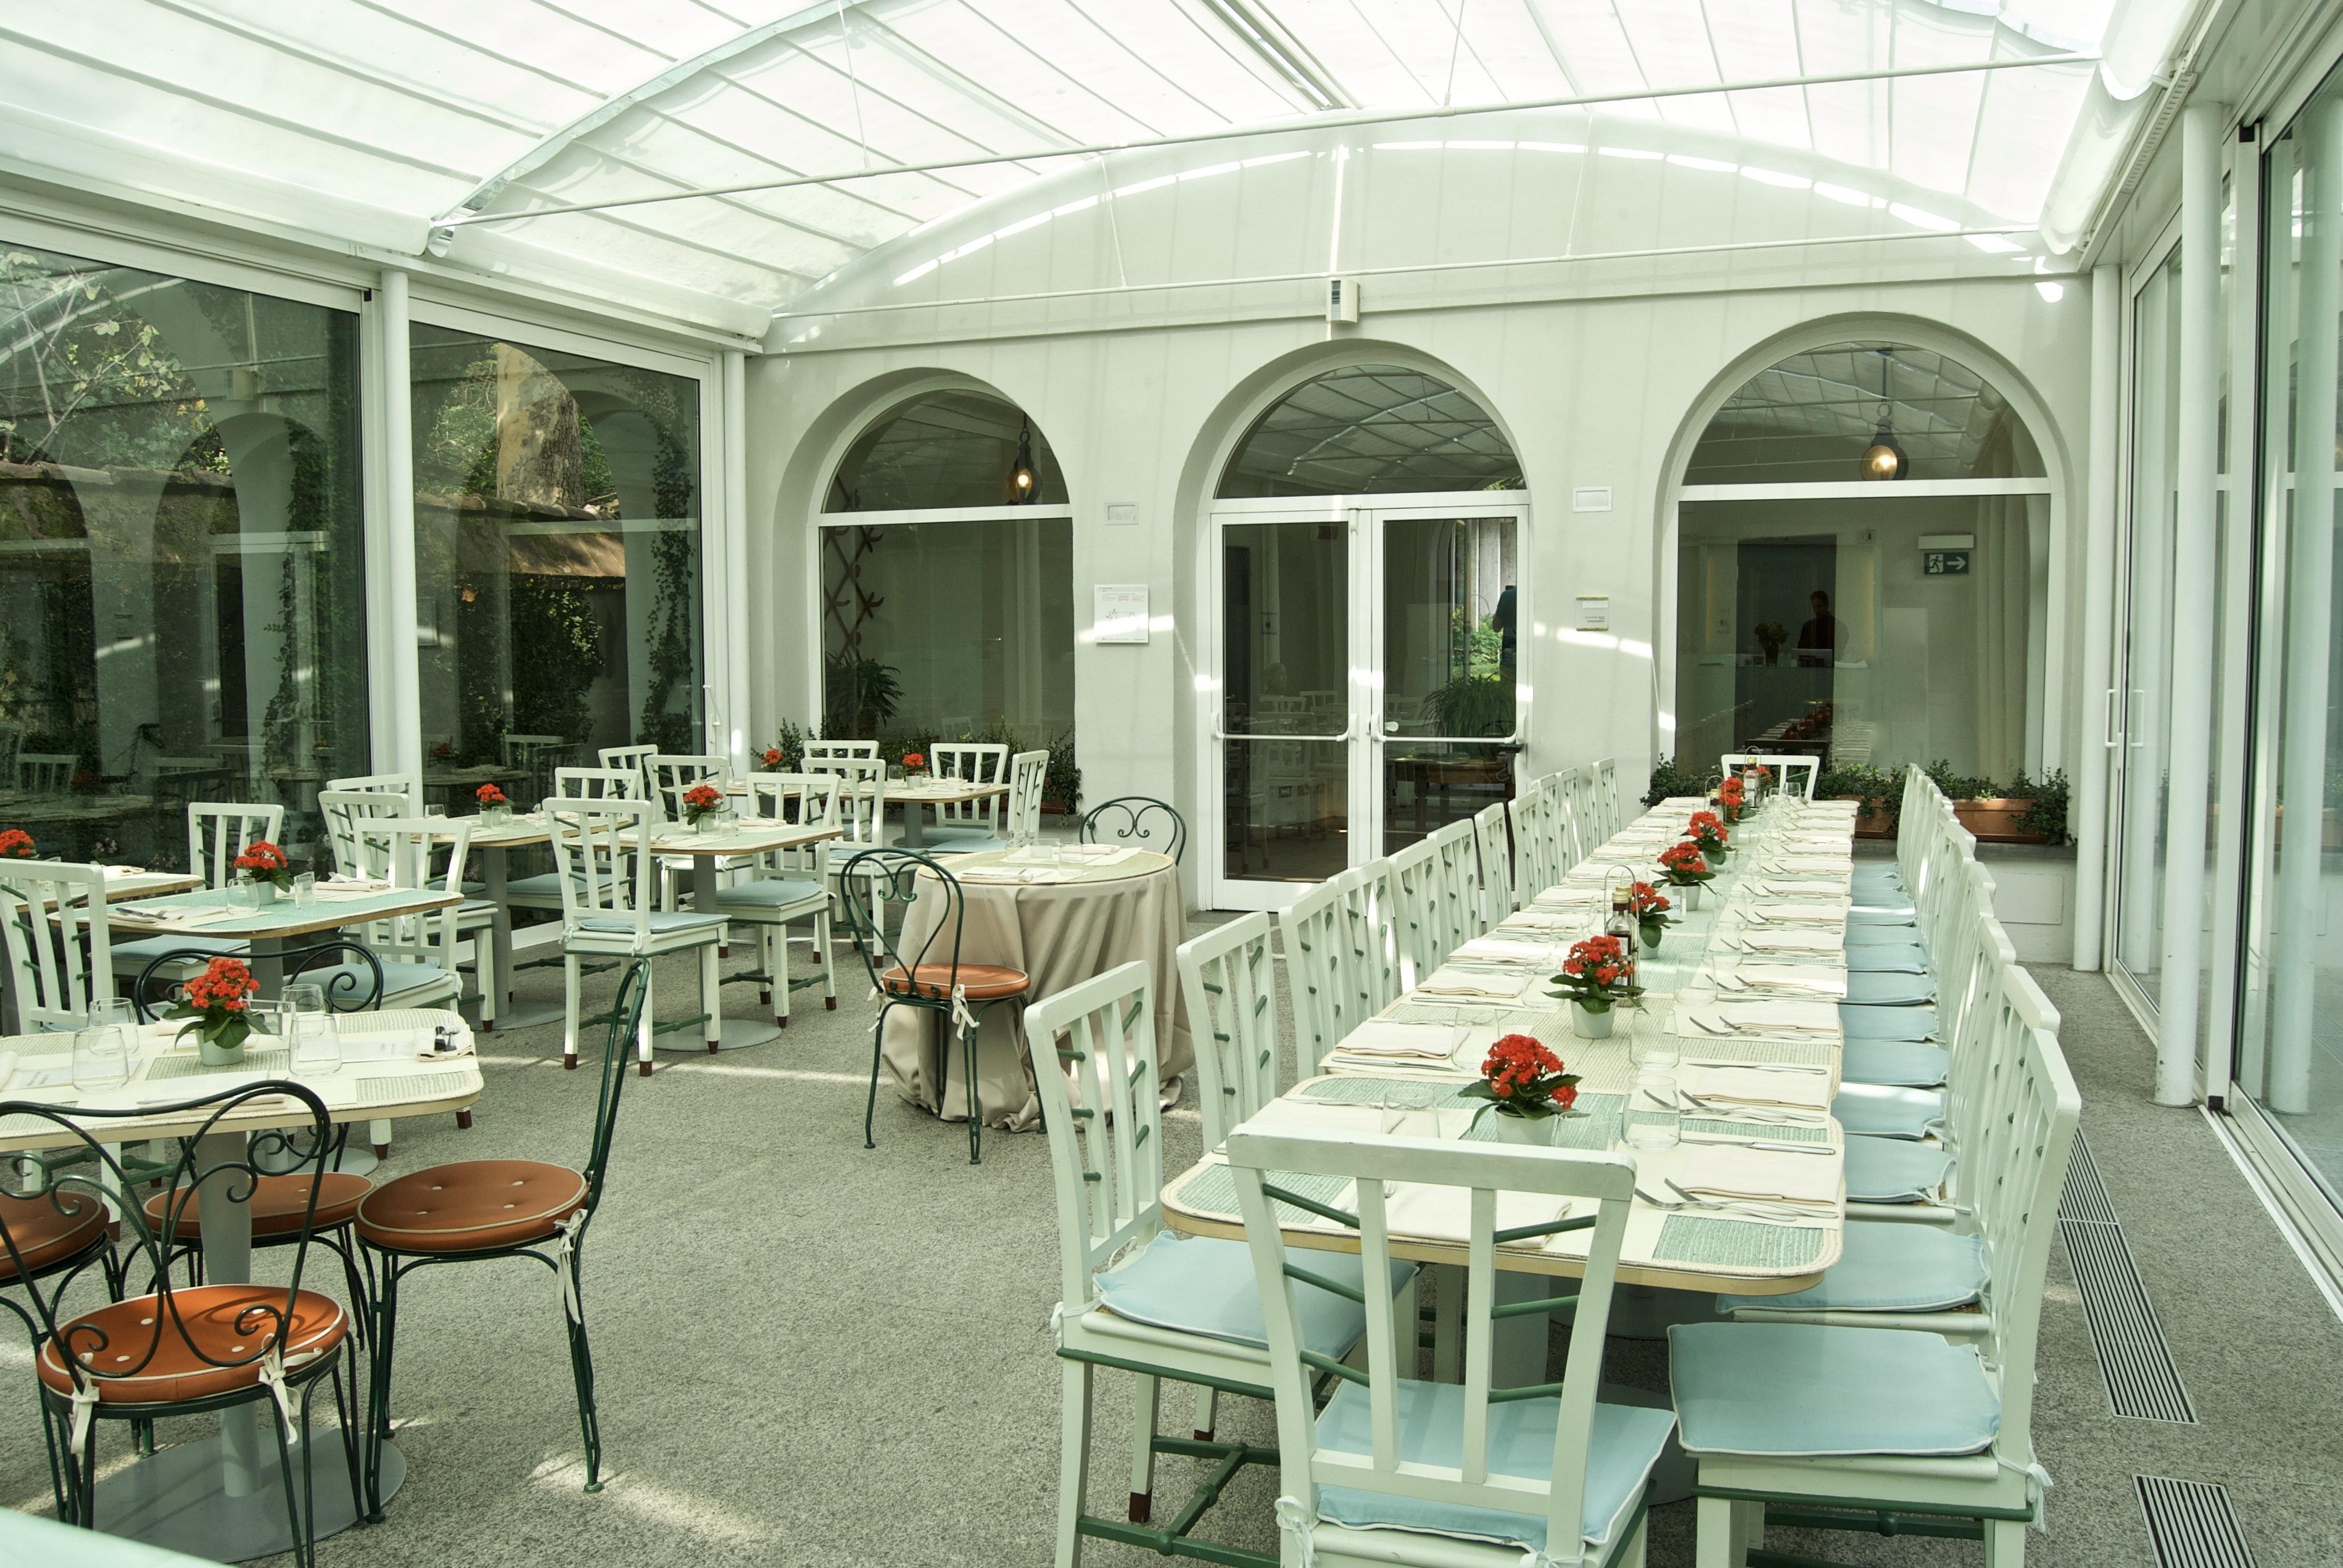 Caffetteria, VILLA NECCHI CAMPIGLIO, MILANO (MI )